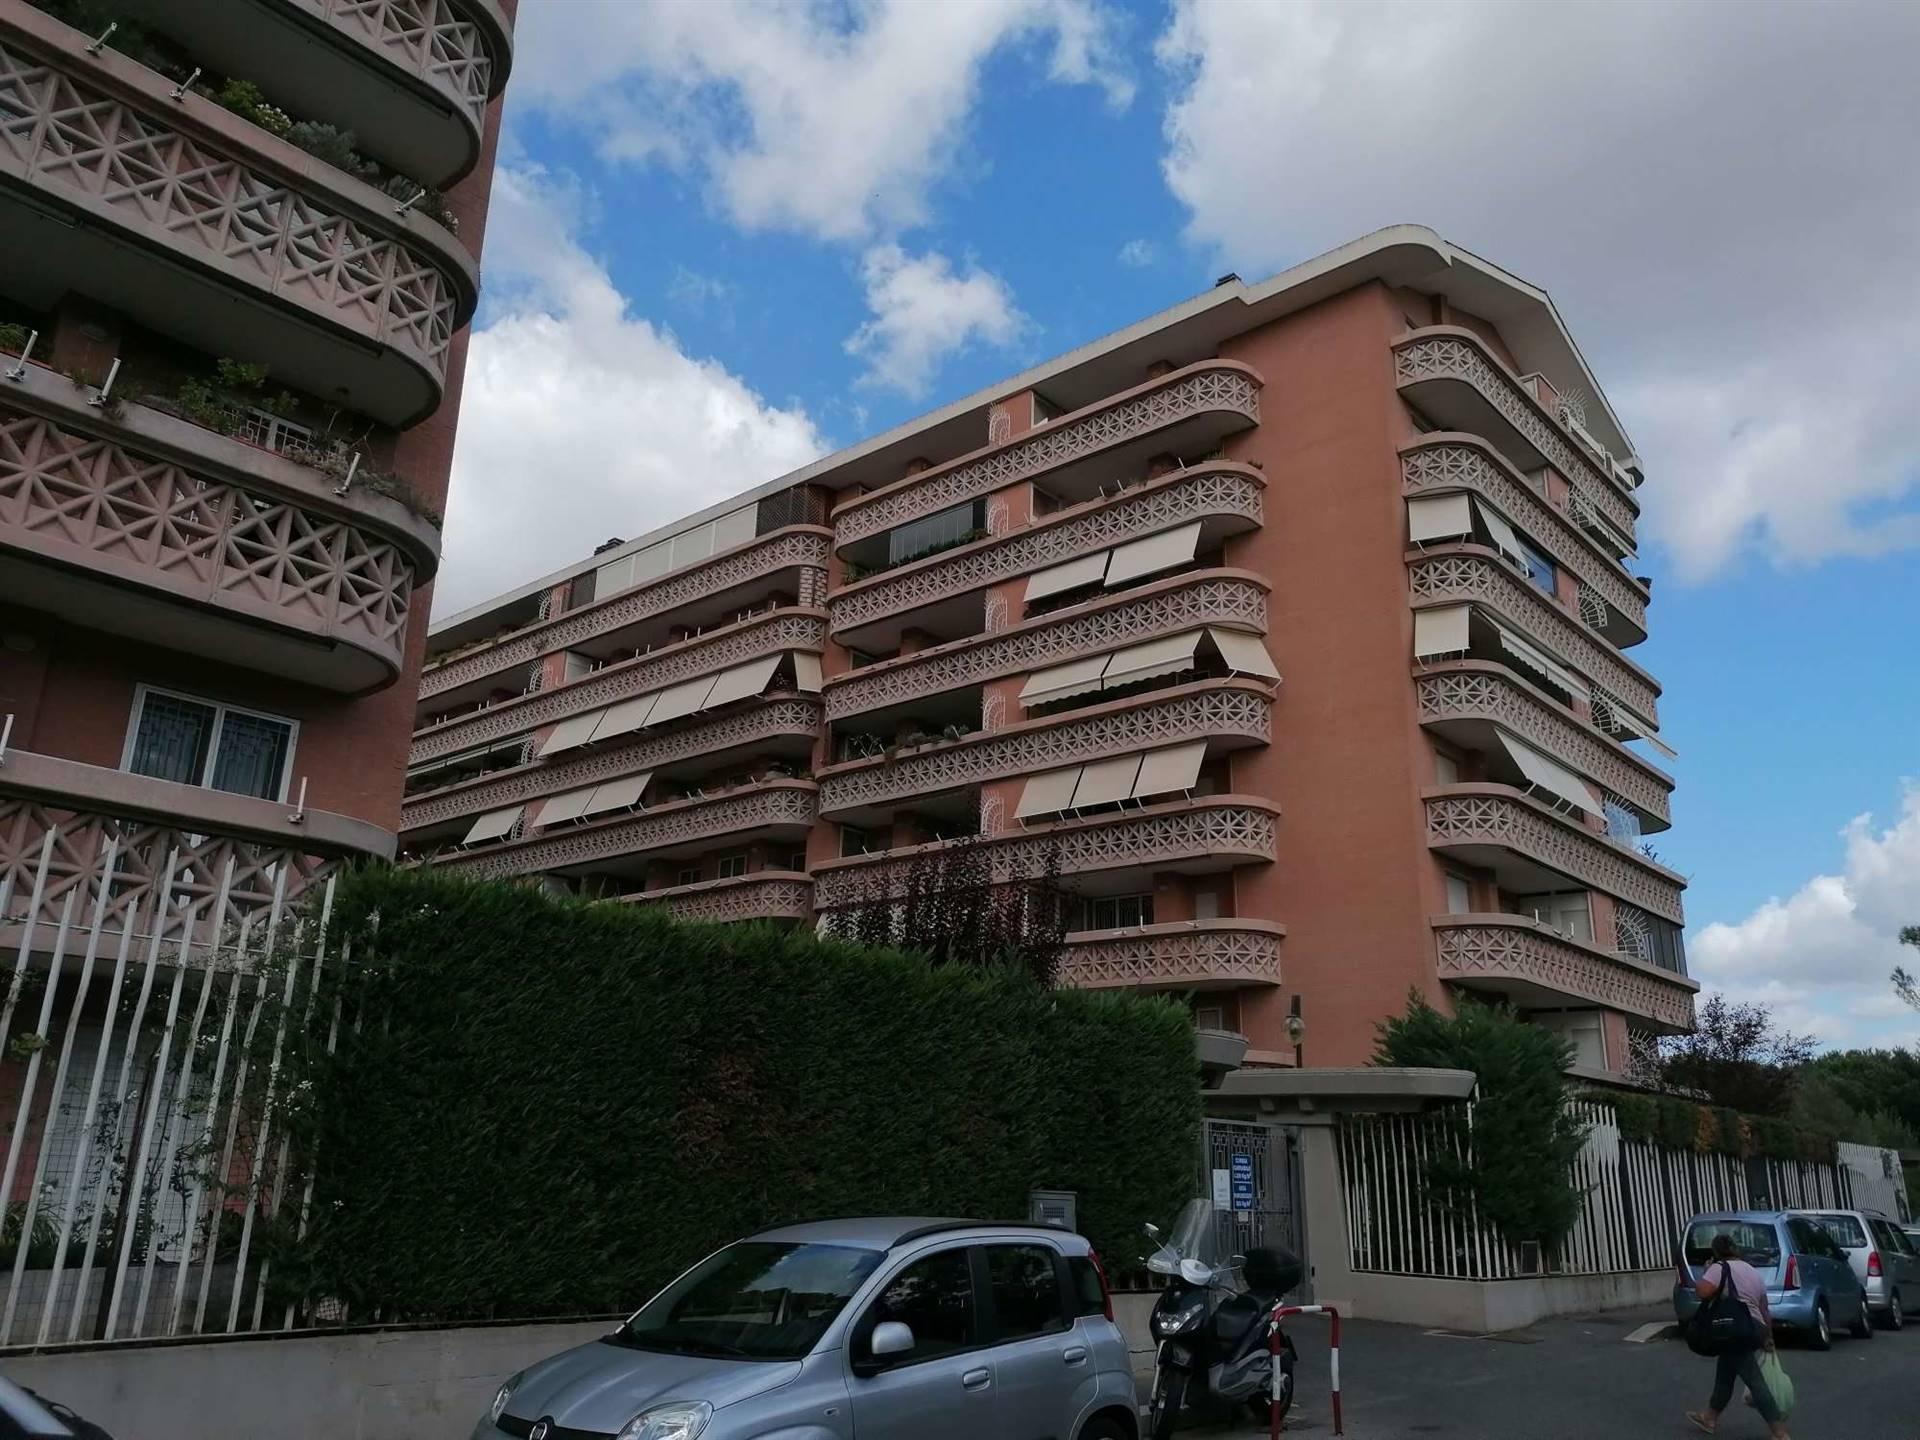 AURELIO-BOCCEA, Valcannuta, costruzioni Papillo, elegante appartamento posto al piano primo, arredato con mobili moderni e di qualità, composto di